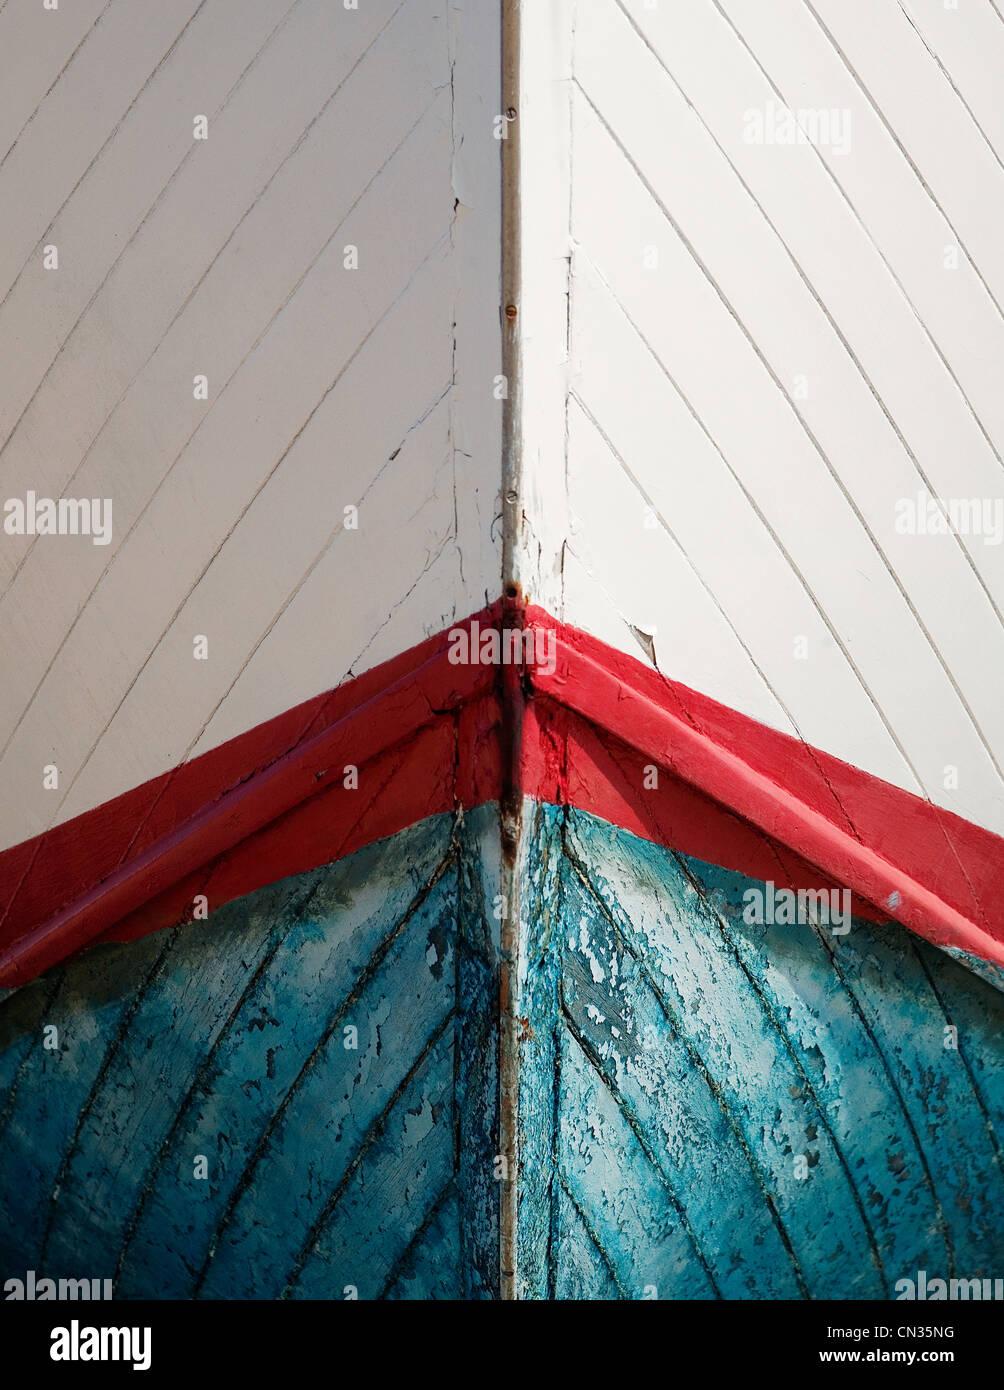 Résumé de bateau Photo Stock